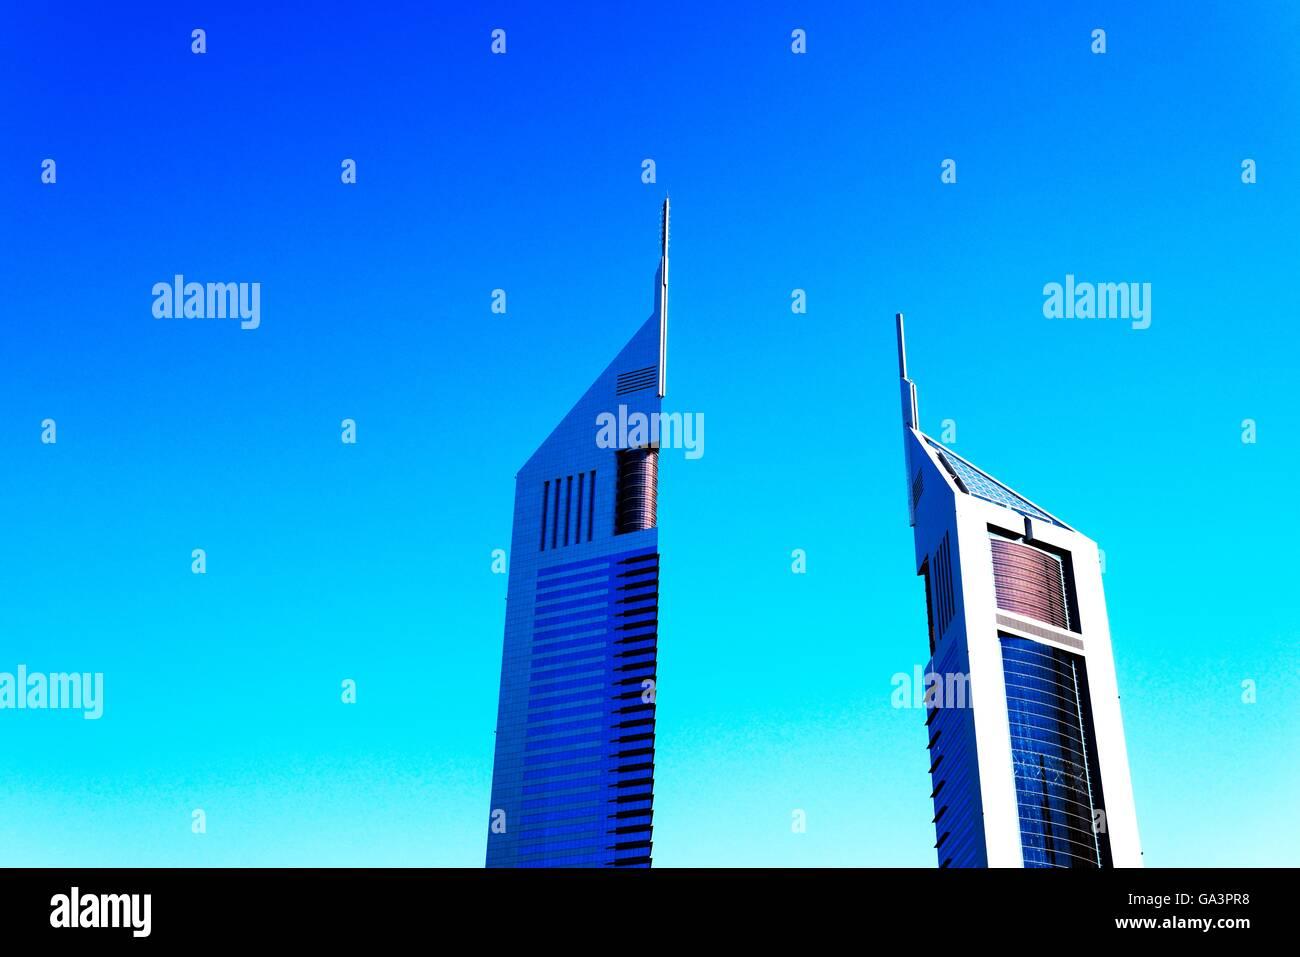 Die Emirates Towers Komplex, Dubai, Vereinigte Arabische Emirate. Links ist Emirates Office Tower. Rechts ist das Stockbild